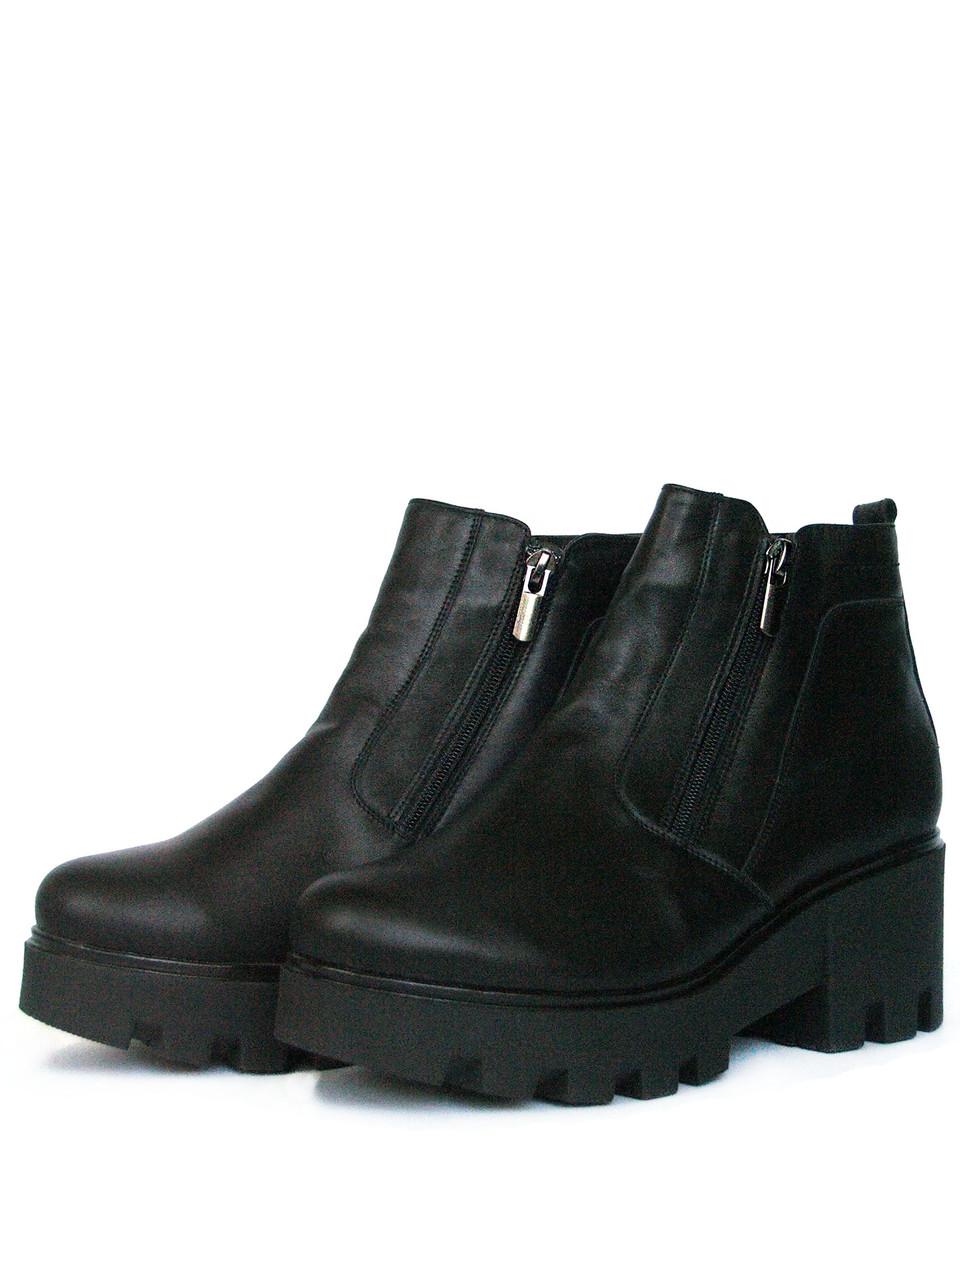 Осенние ботинки на тракторной подошве, цена 1 540 грн., купить в ... 4f1095f4ff8